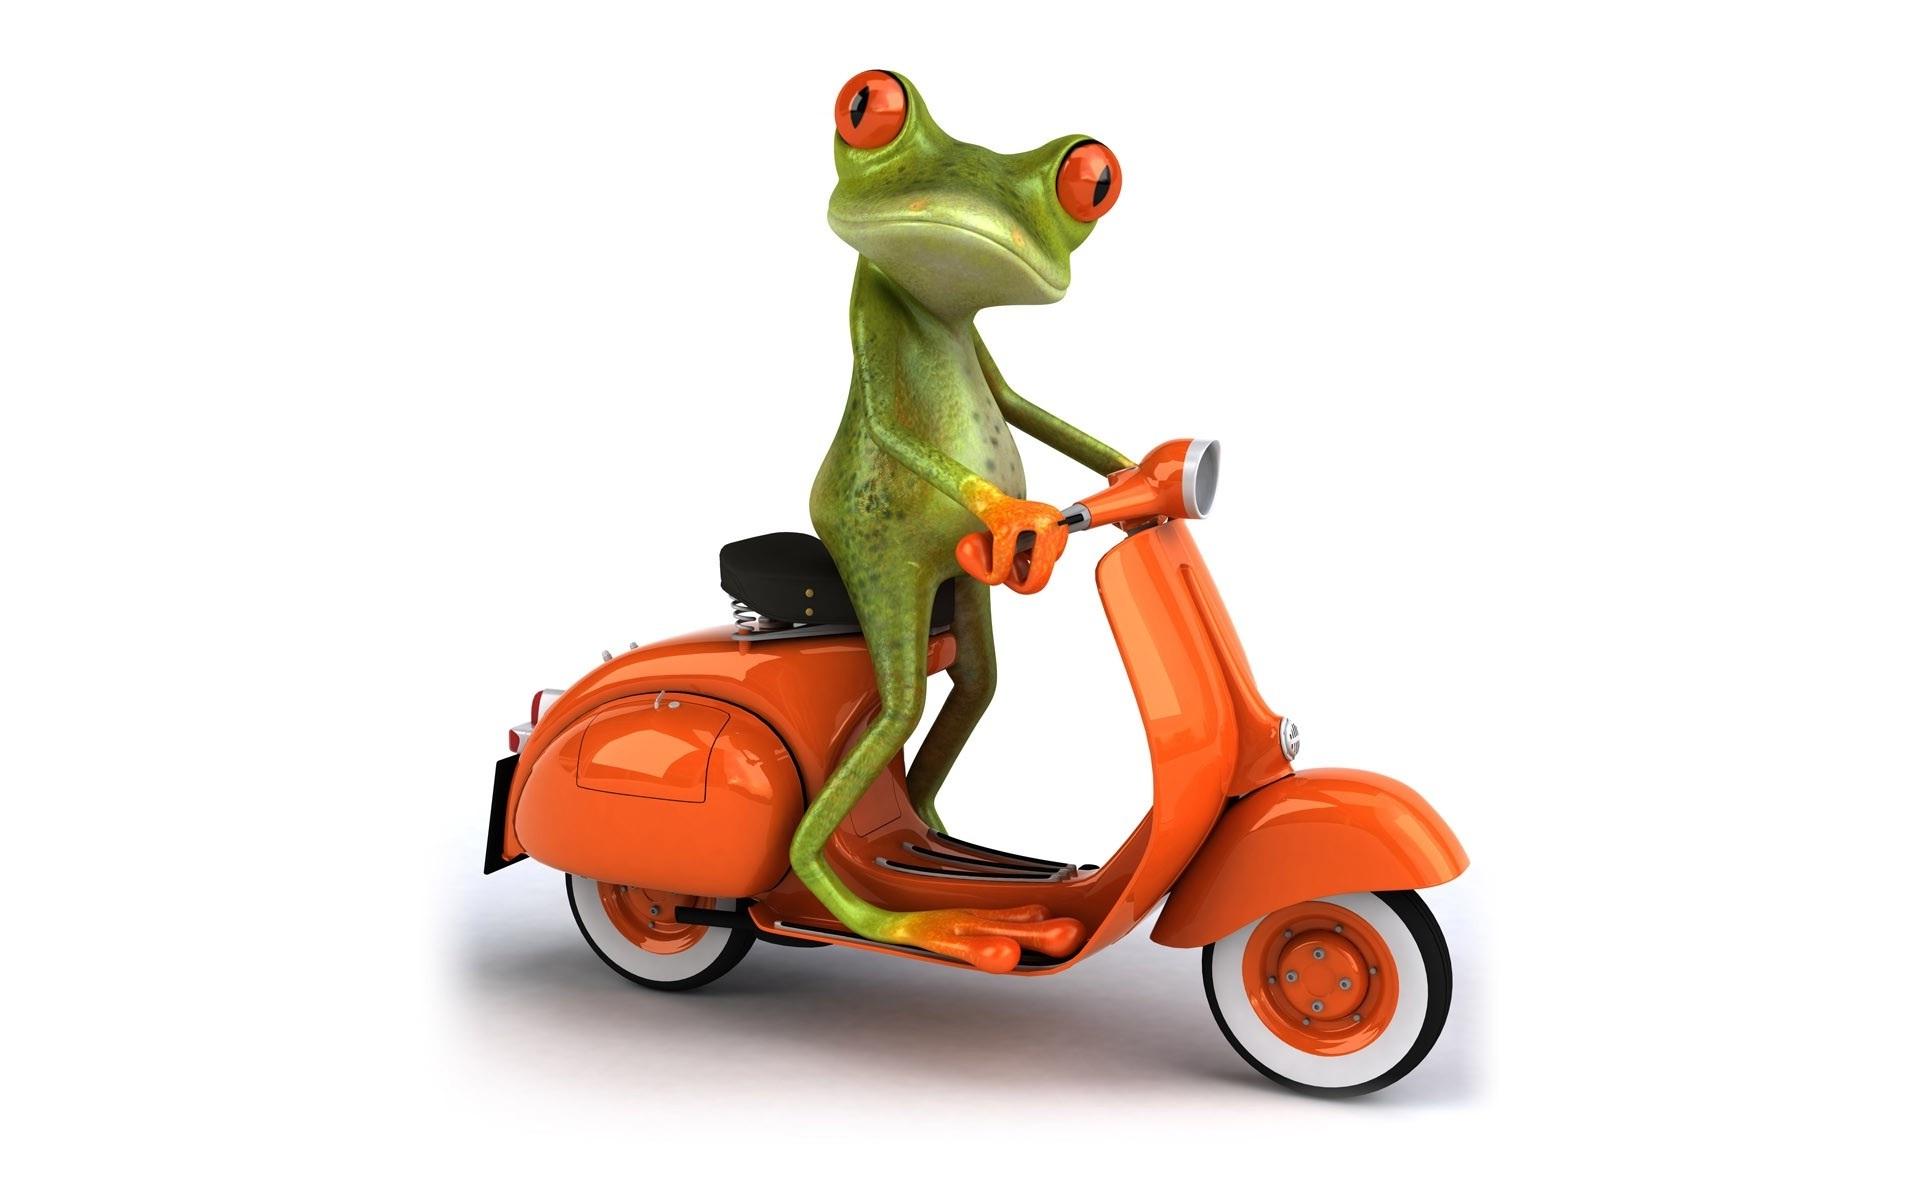 Cartoon Frog Wallpaper - WallpaperSafari